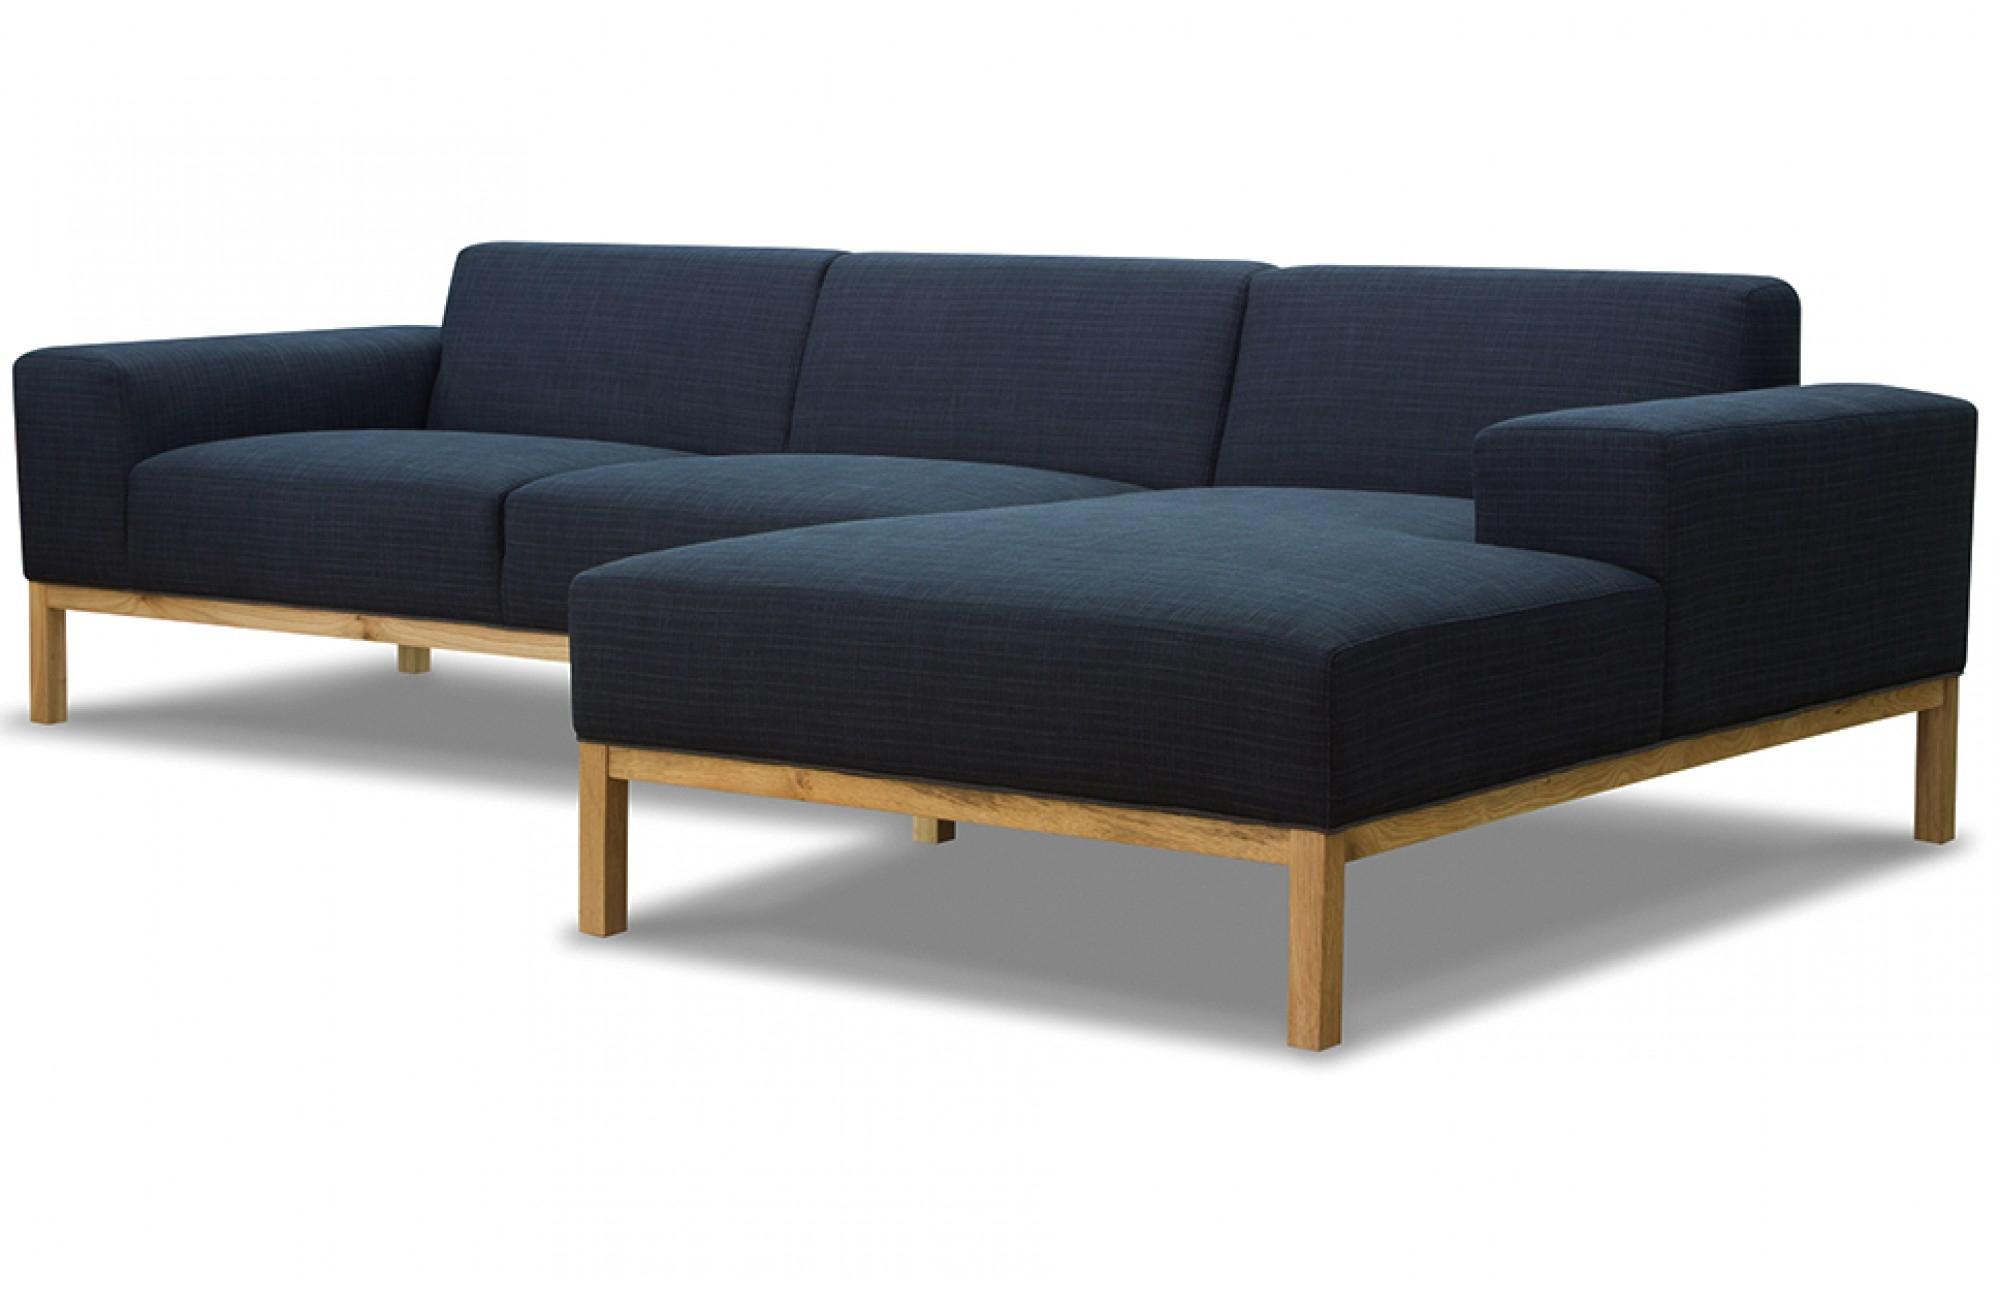 Modular Corner Sofas Sofa Menzilperde Throughout Modular Corner Sofas (Image 11 of 15)